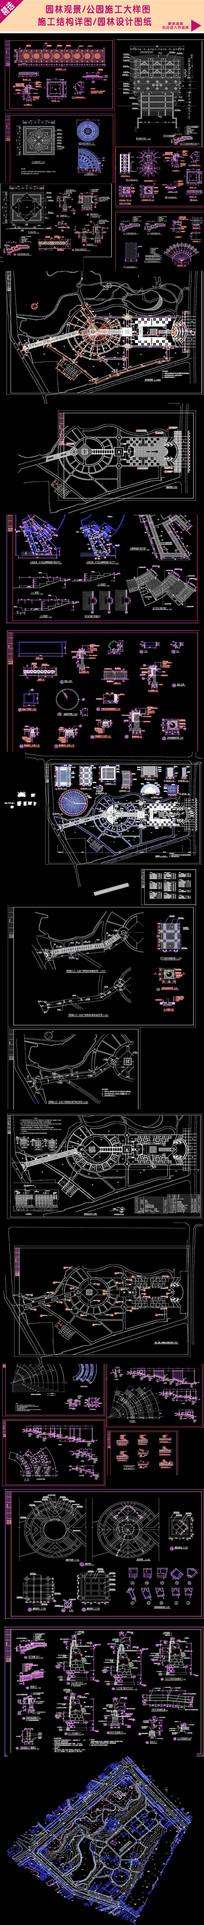 公园建筑规划设计施工图